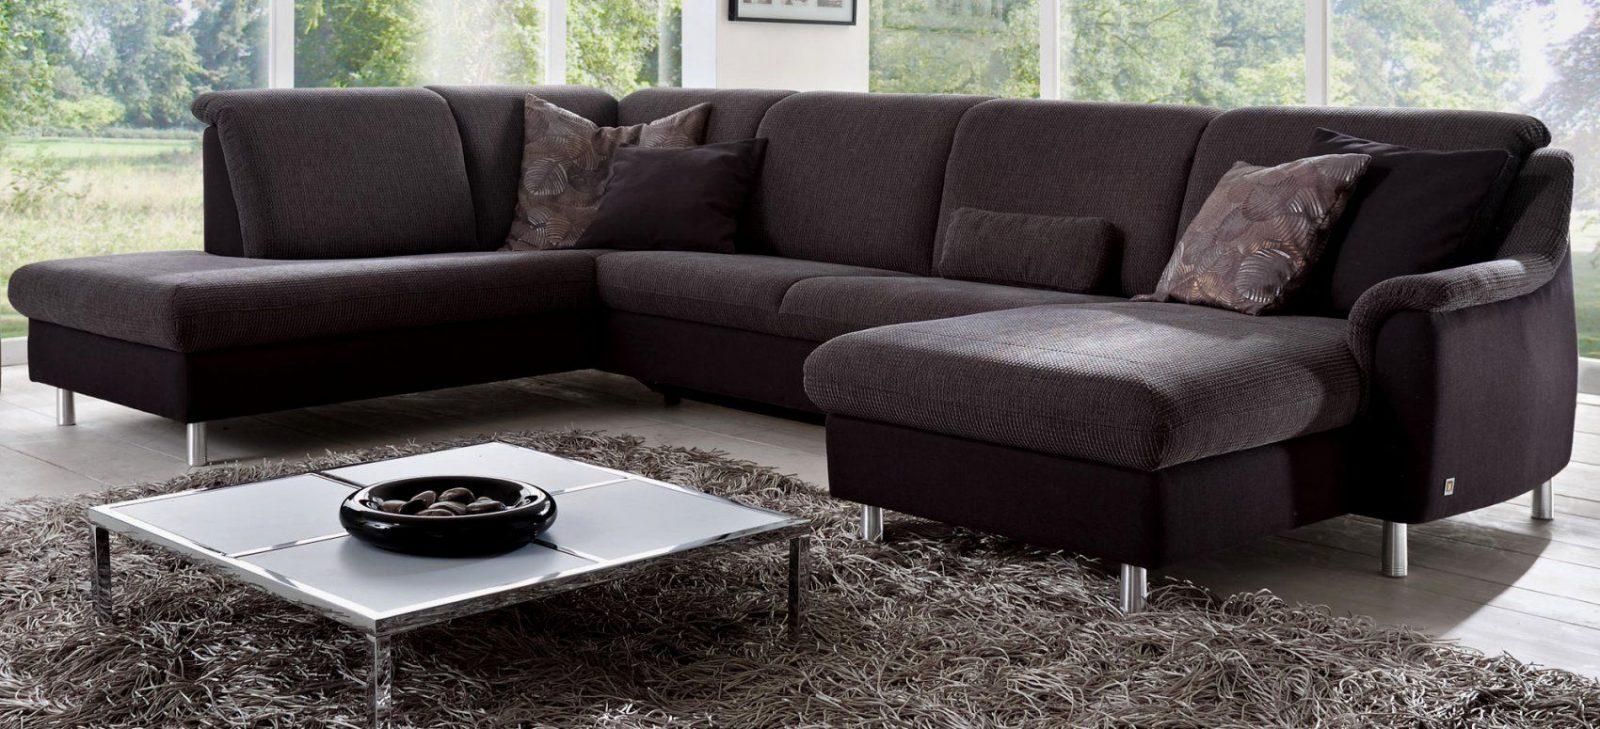 Beeindruckend Couch Mit Bettfunktion Günstig Neu Xxl Big Sofa 33500 von Couch Mit Bettfunktion Günstig Bild